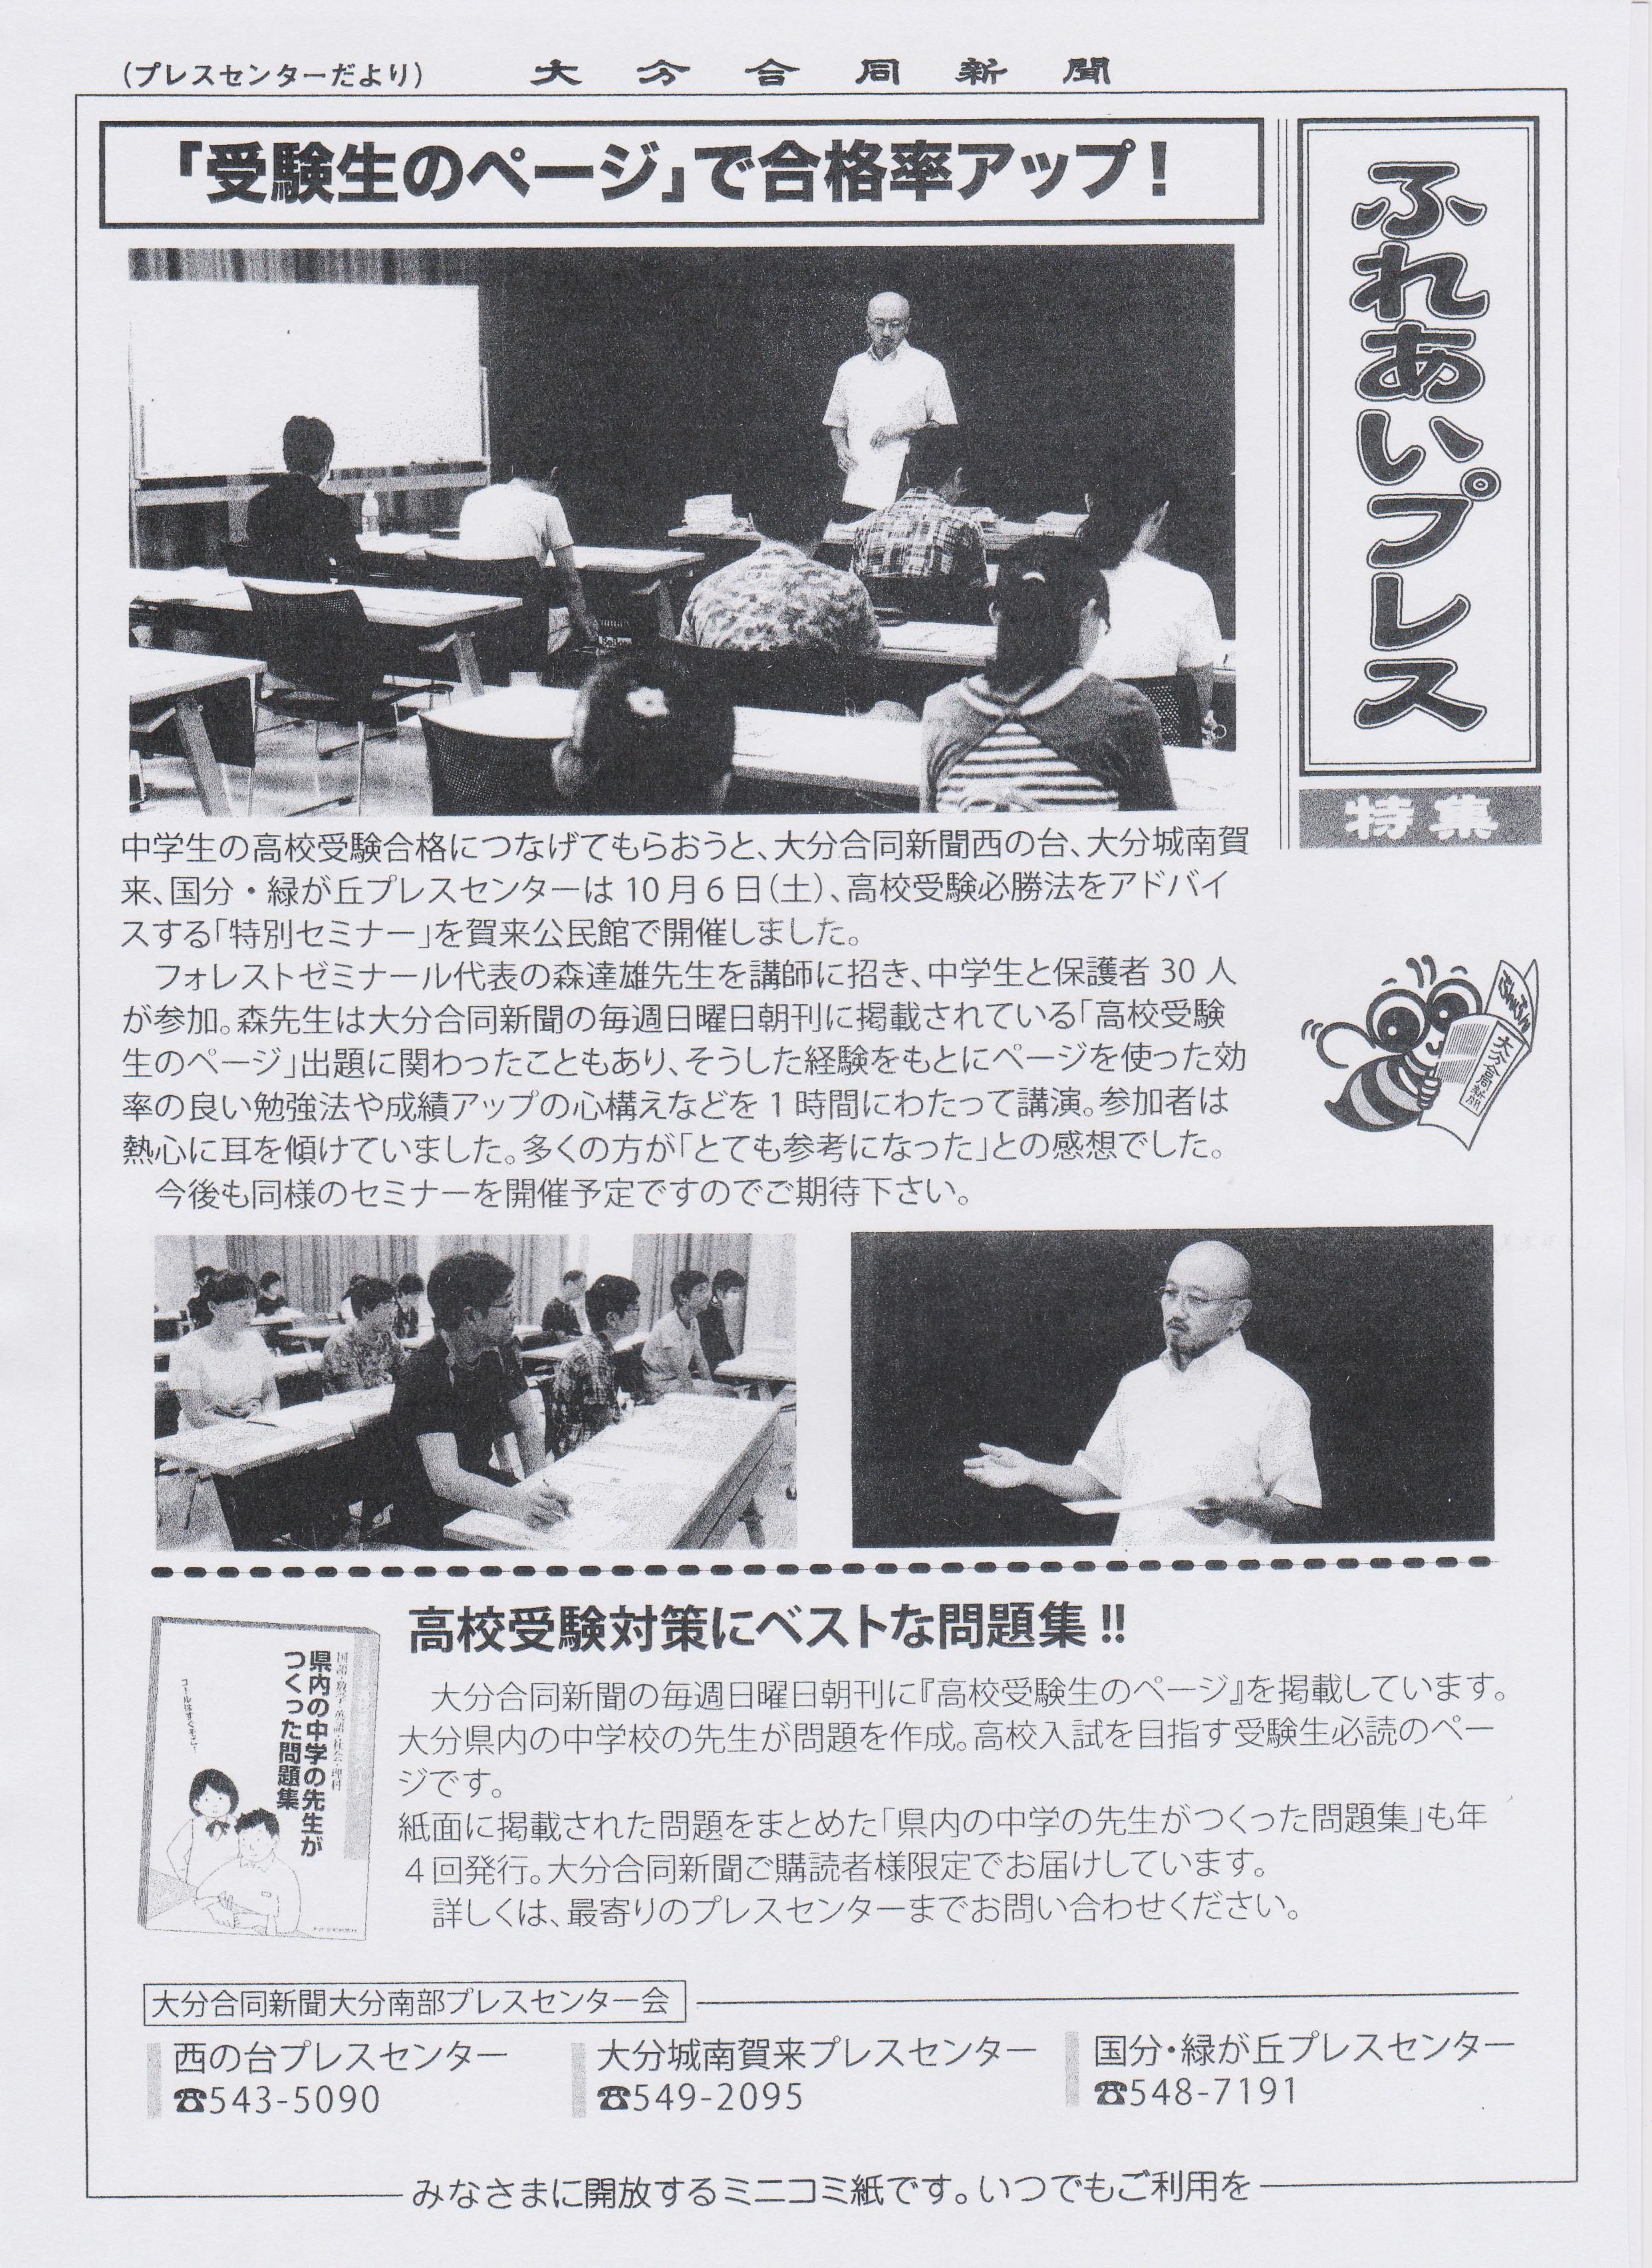 【フォレストゼミナール】受験勉強の方法を紹介する講演会に登壇